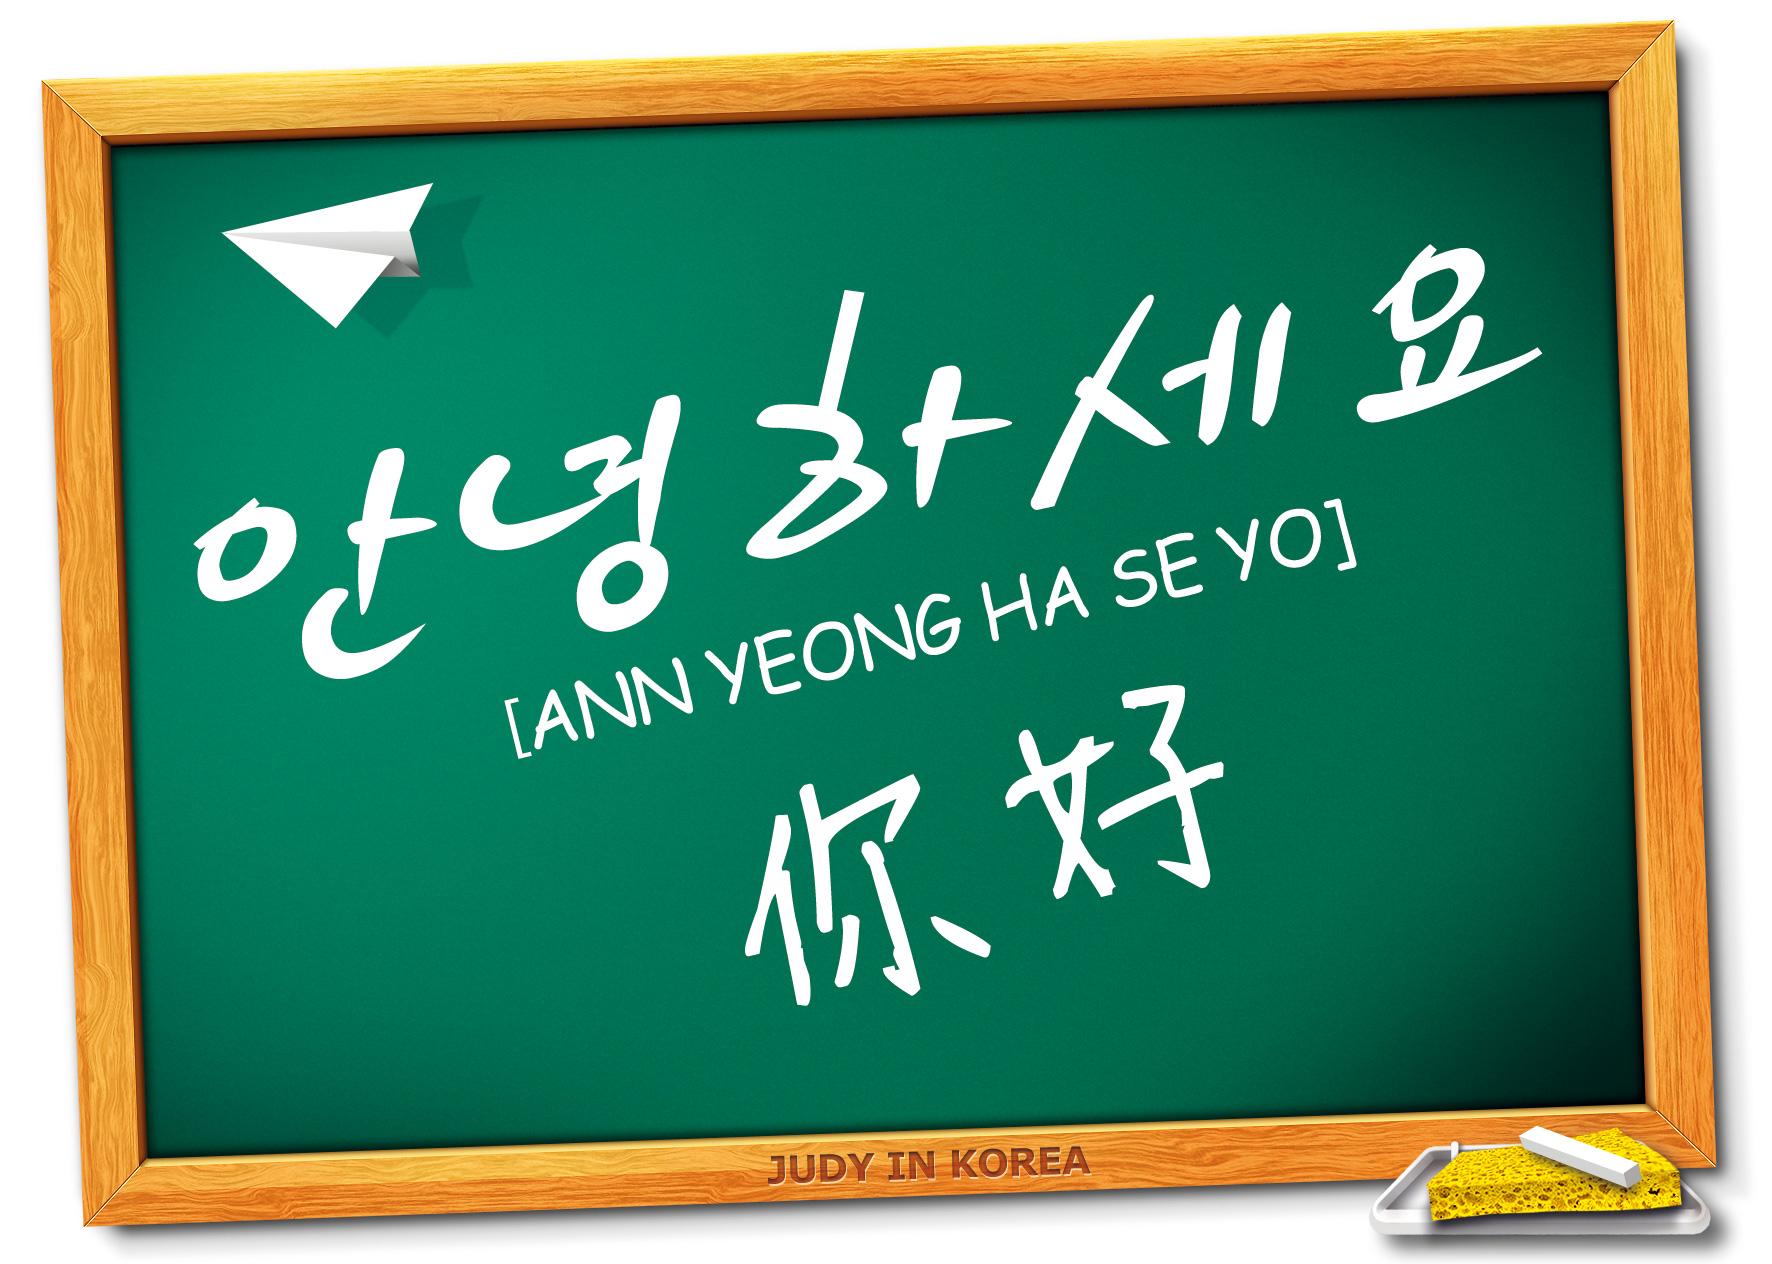 [韓語教室]:안녕하세요 您好 | 點迪在韓國 Judy in Korea